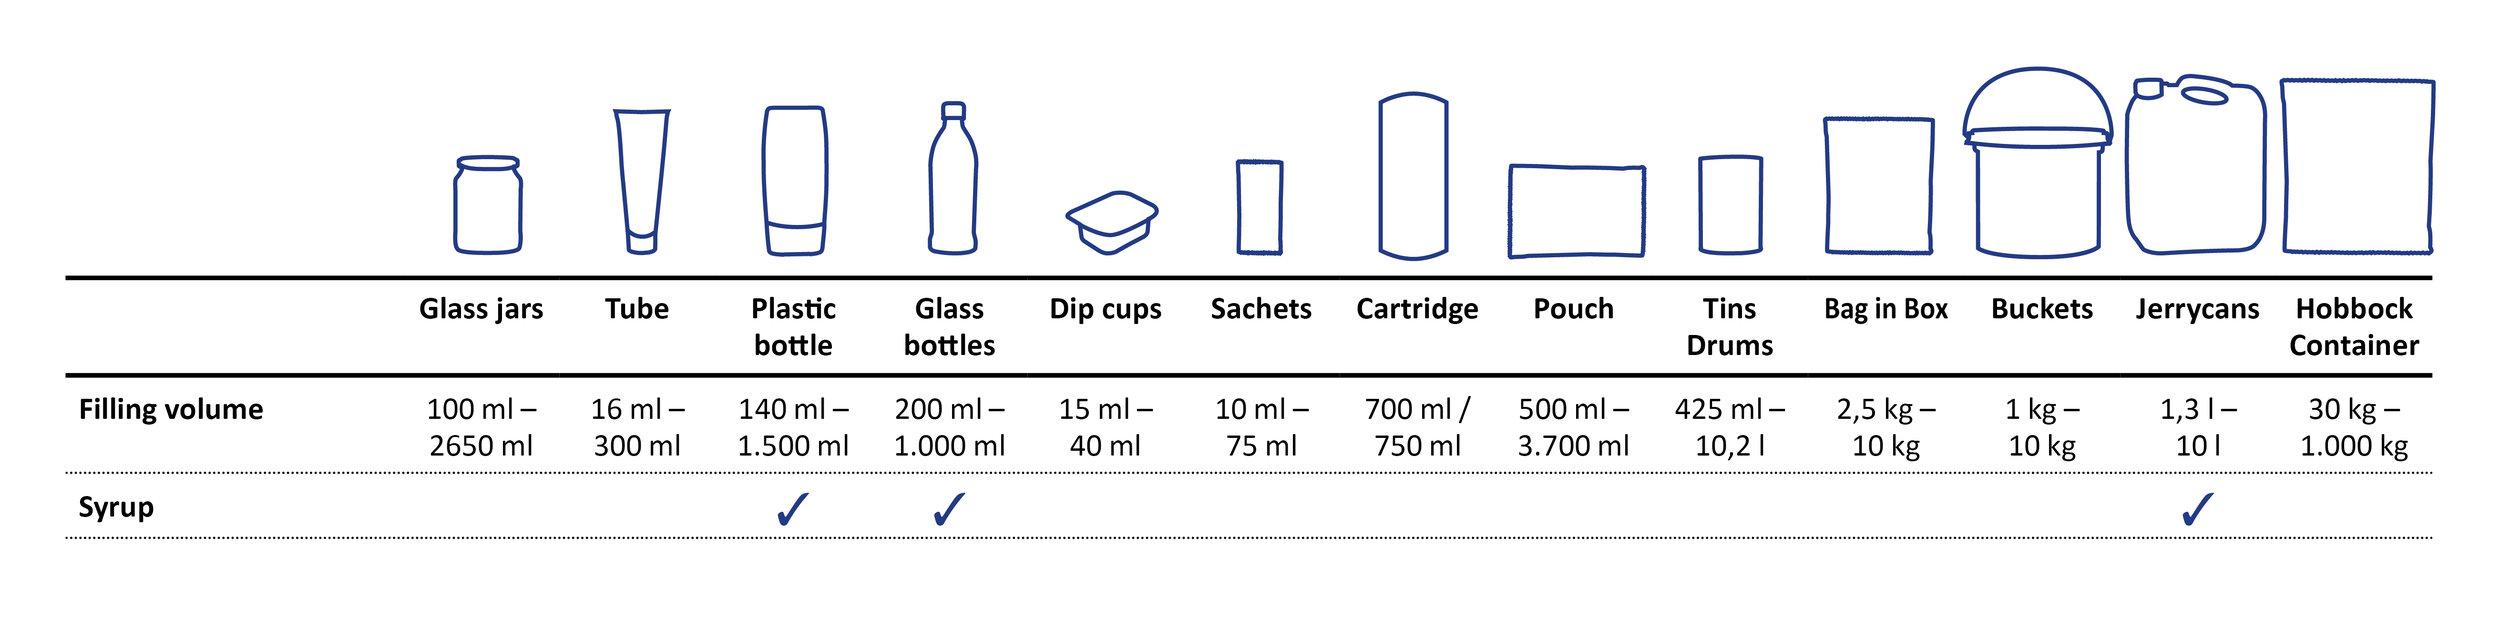 packaging-overview-sueko-syrup.jpg